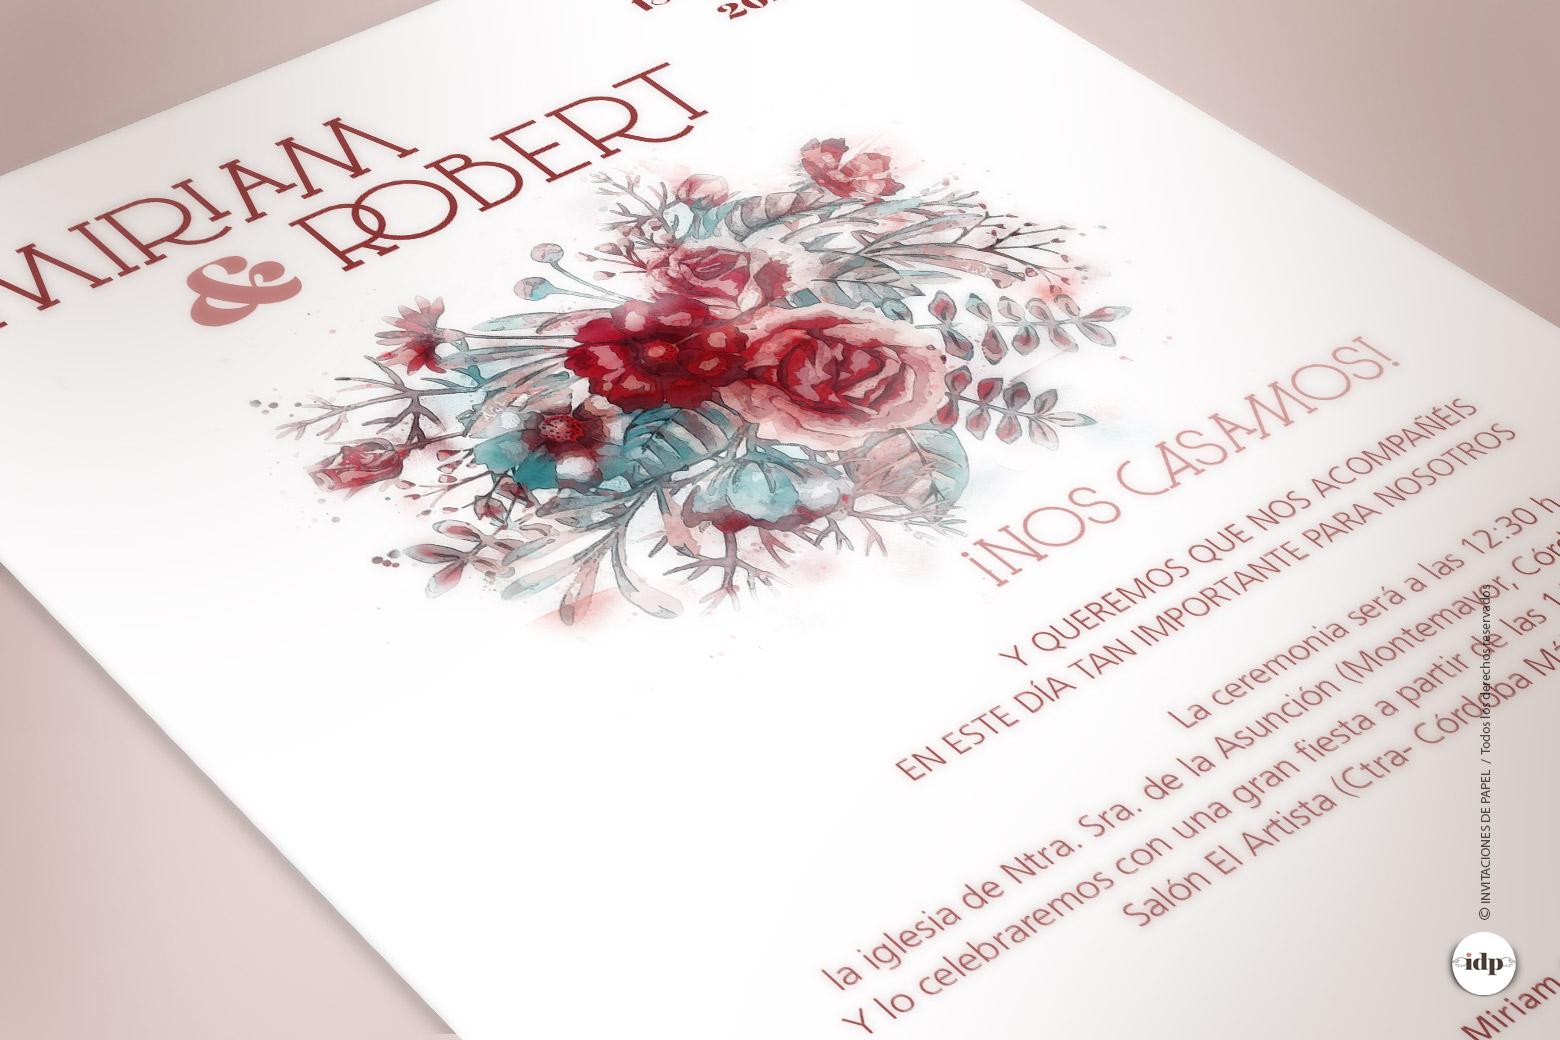 Invitaciones de Boda Florales pintada en Acuarela y Granate - silvestre